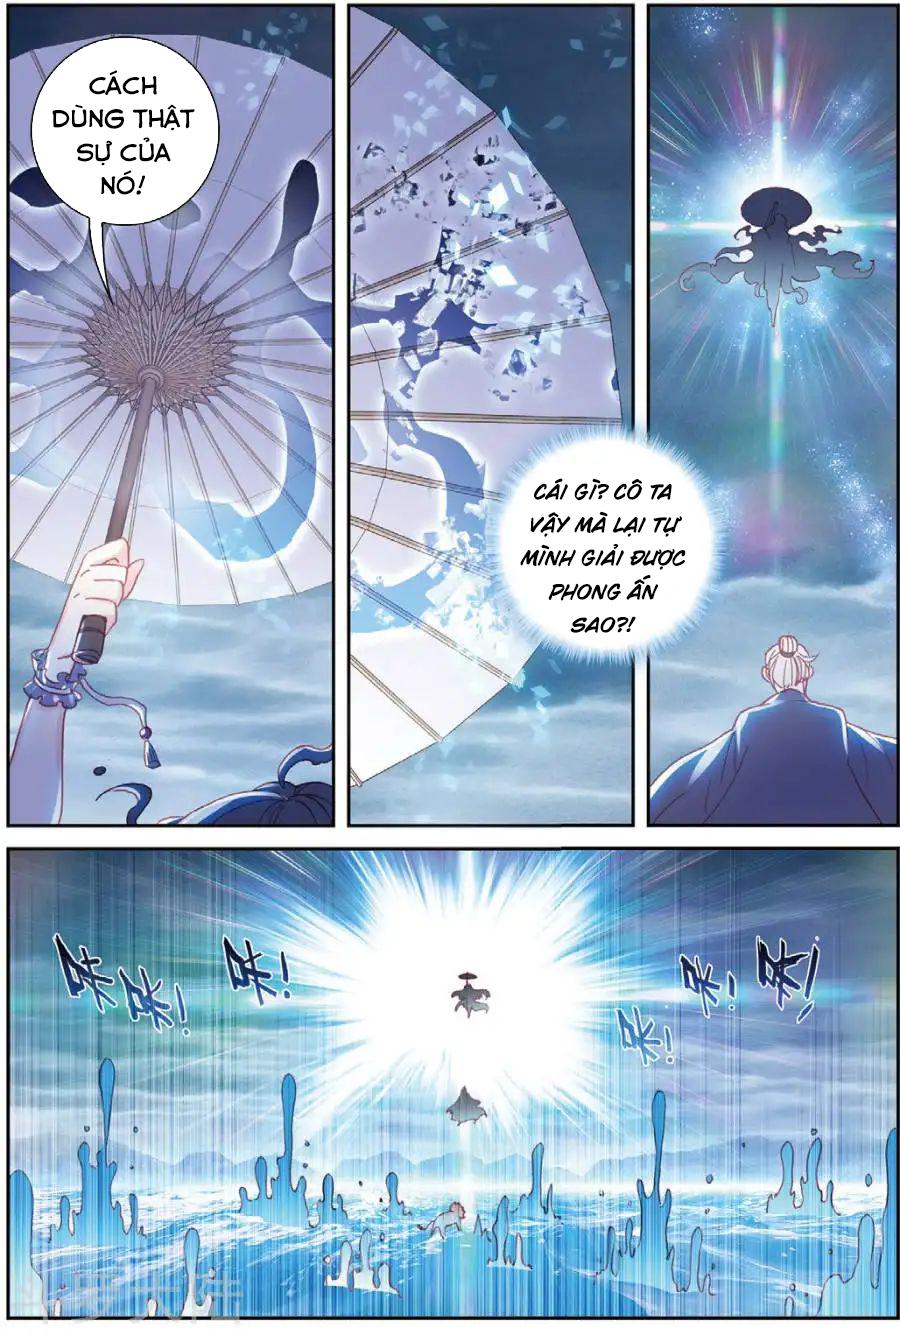 Thế Giới Hoàn Mỹ Chap 98 Upload bởi Truyentranhmoi.net